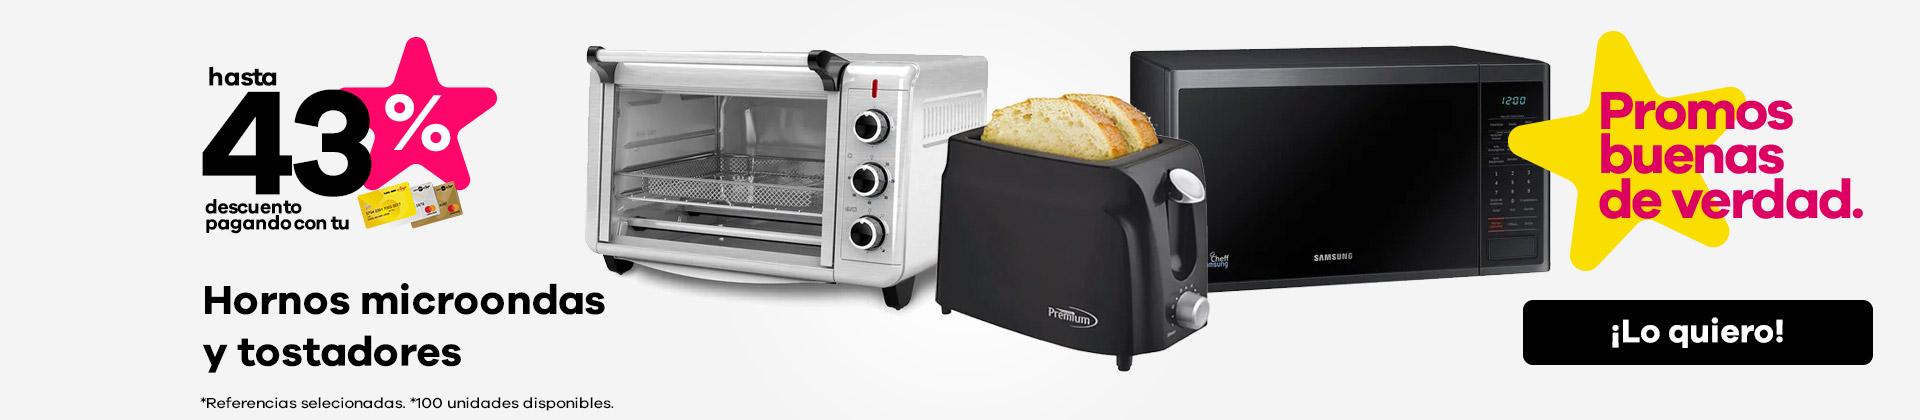 hornos-microondas-y-tostadores